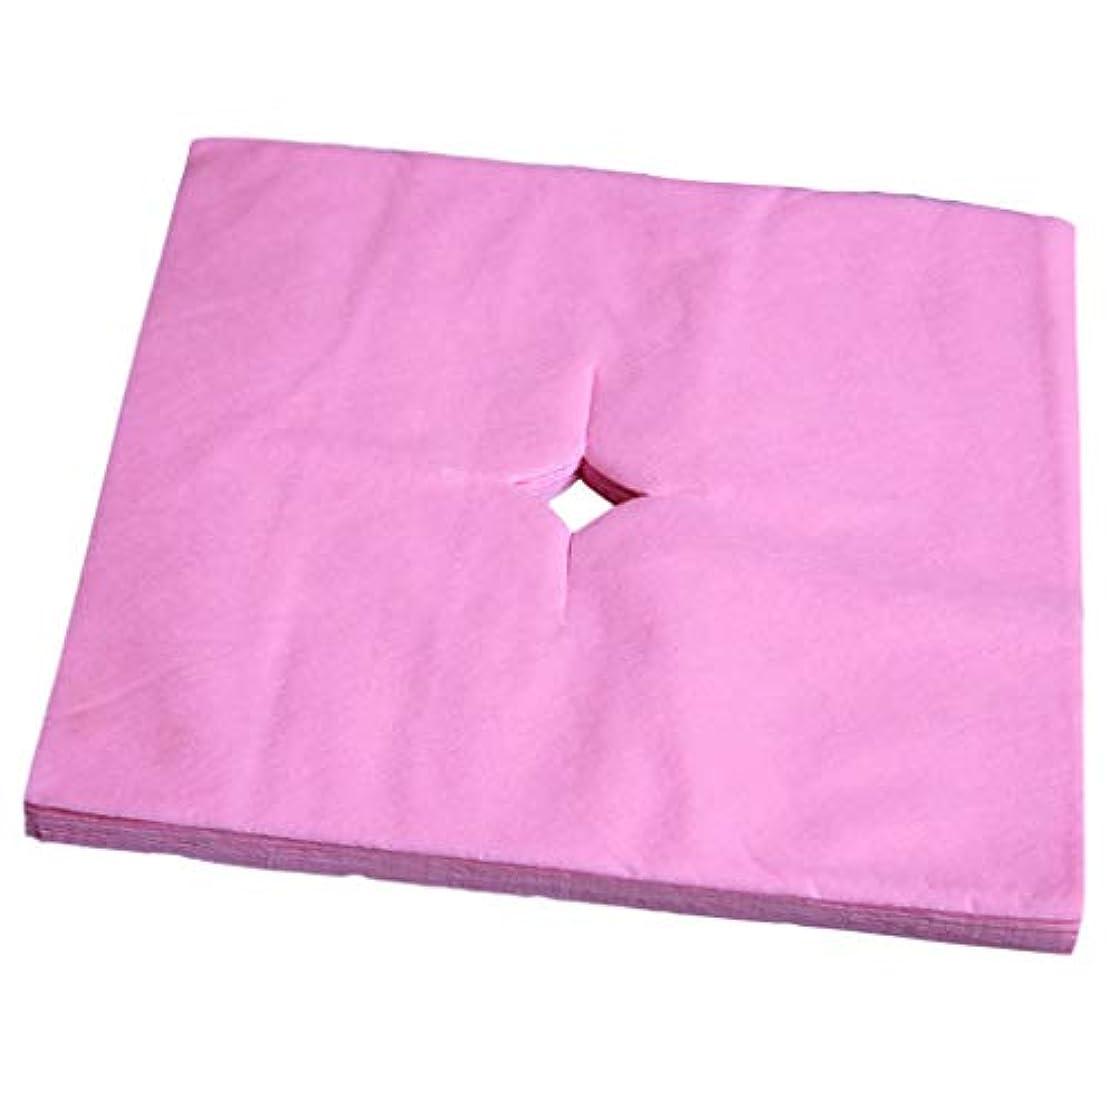 三杖施しP Prettyia フェイスクレードルカバー 使い捨て 寝具カバー 不織布 柔らかい 便利 衛生的 全3色 - ピンク